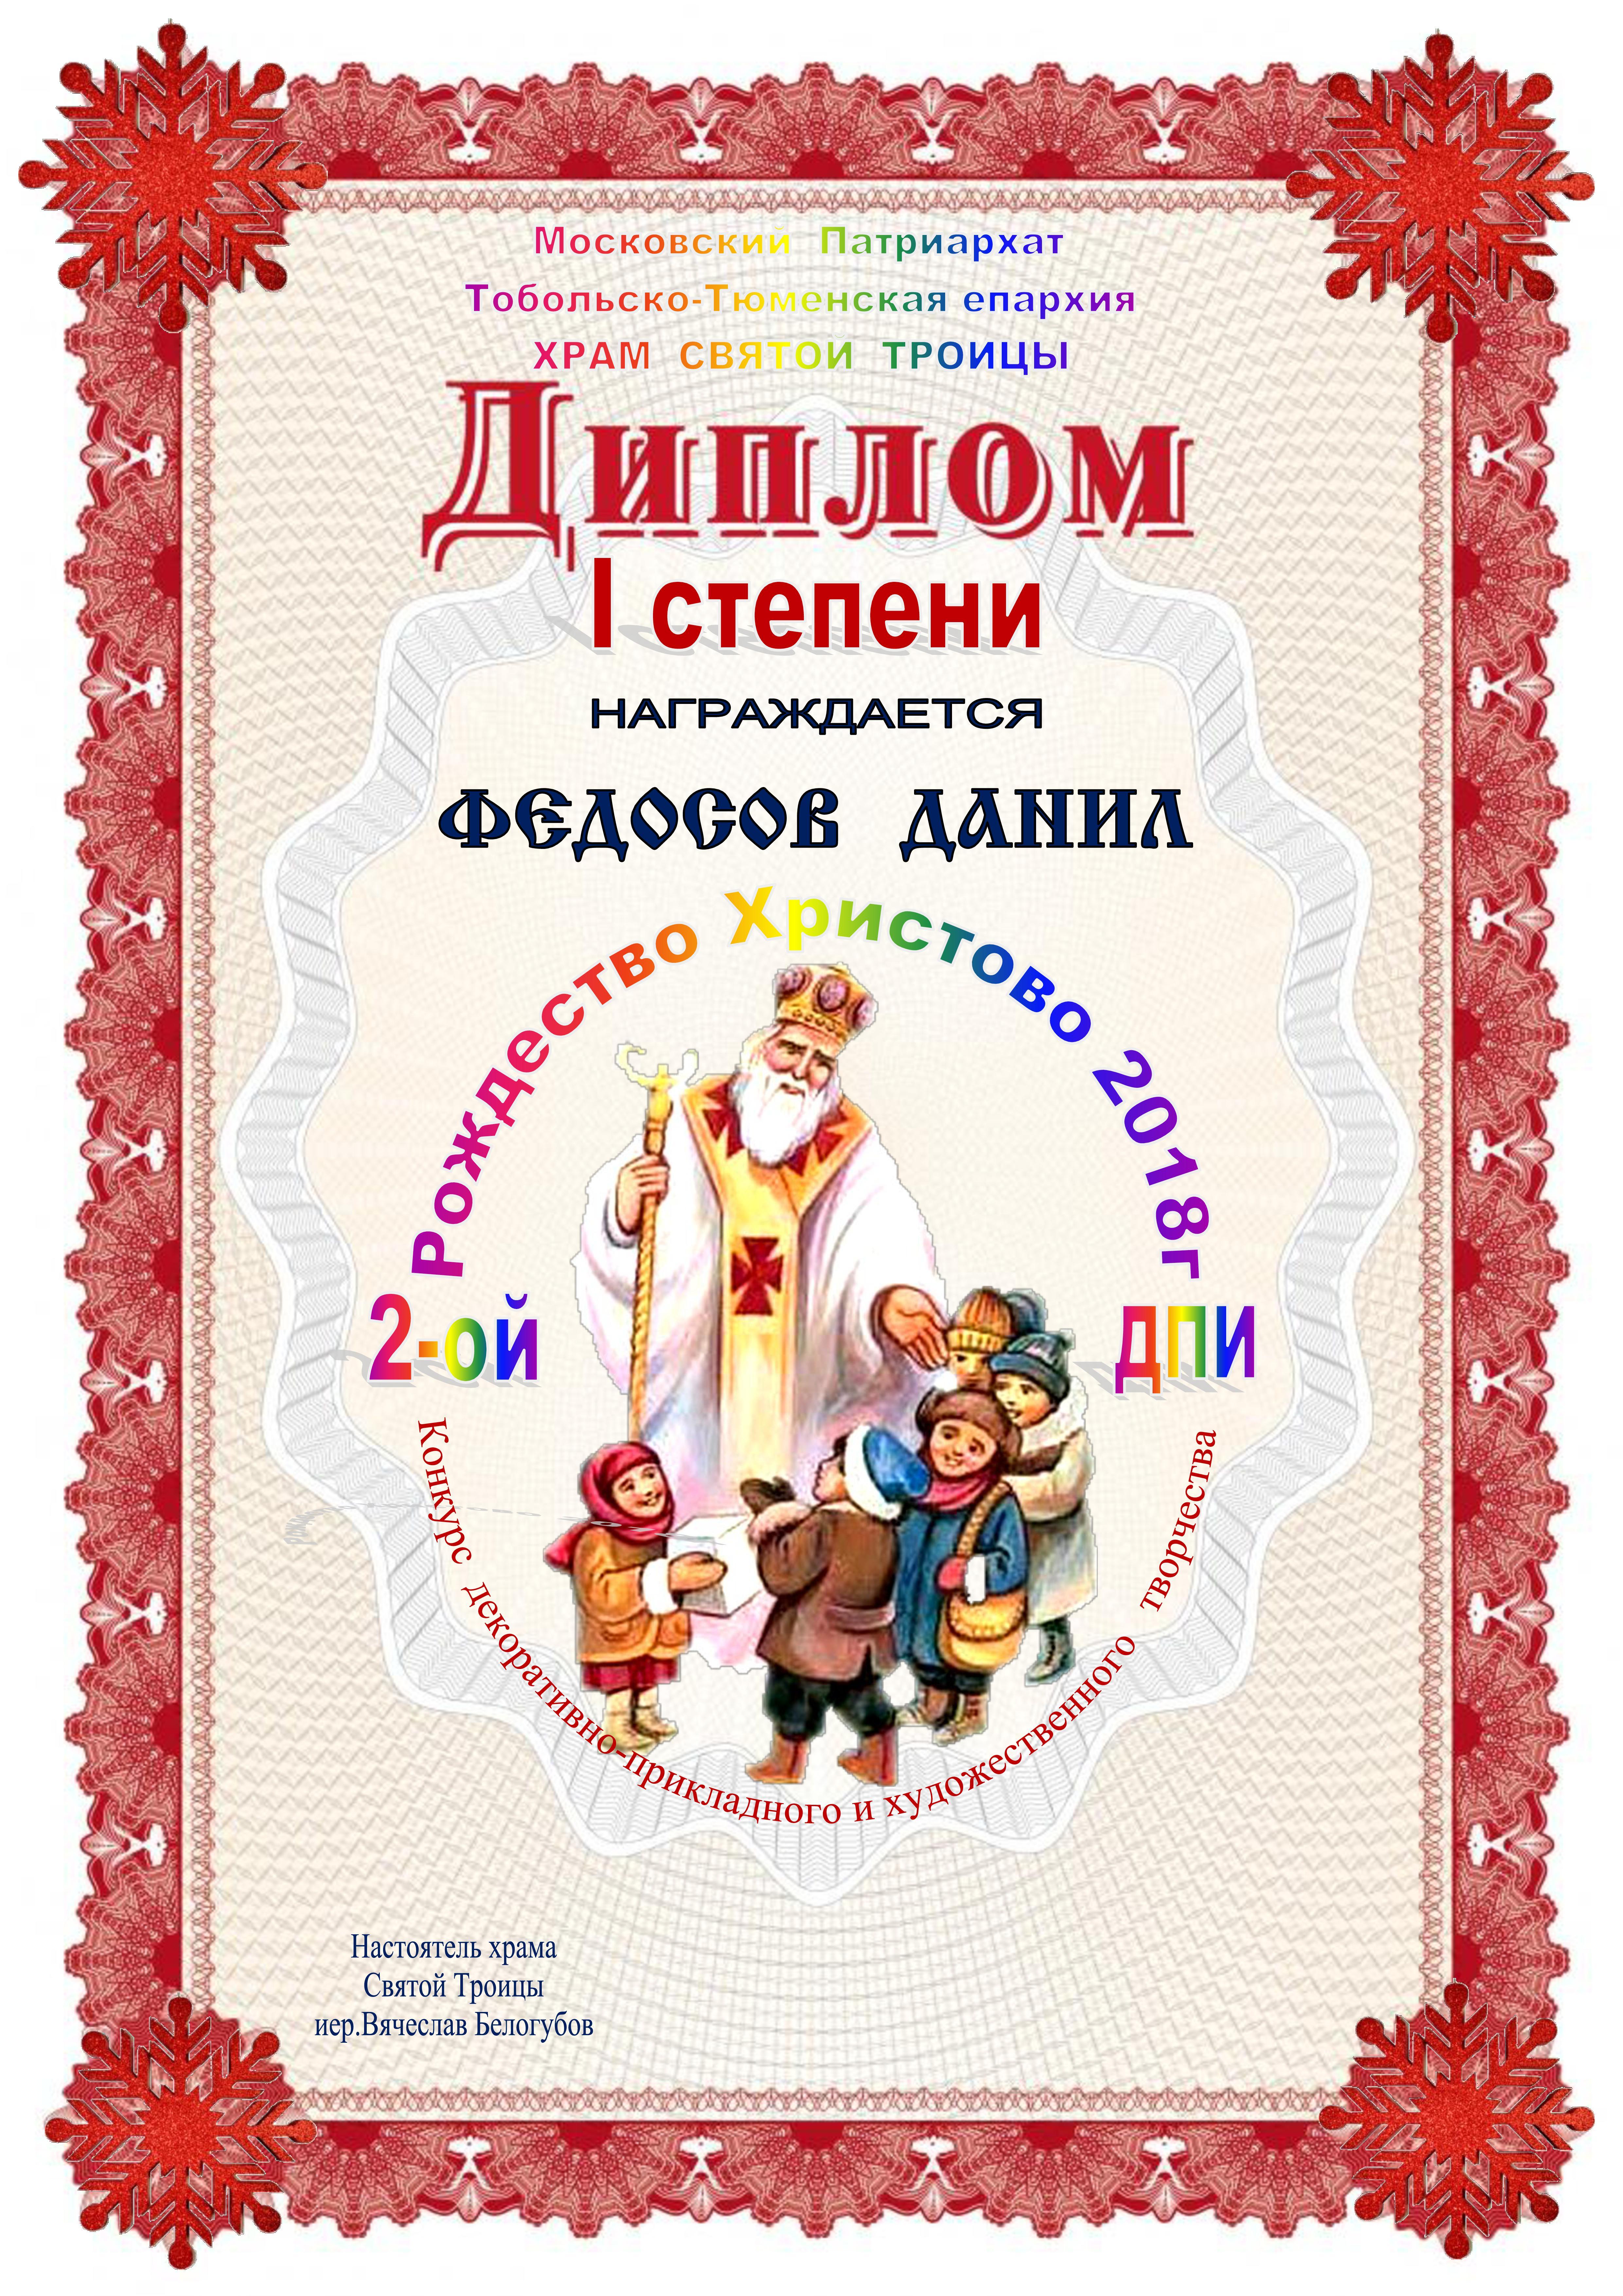 Федосов Данил